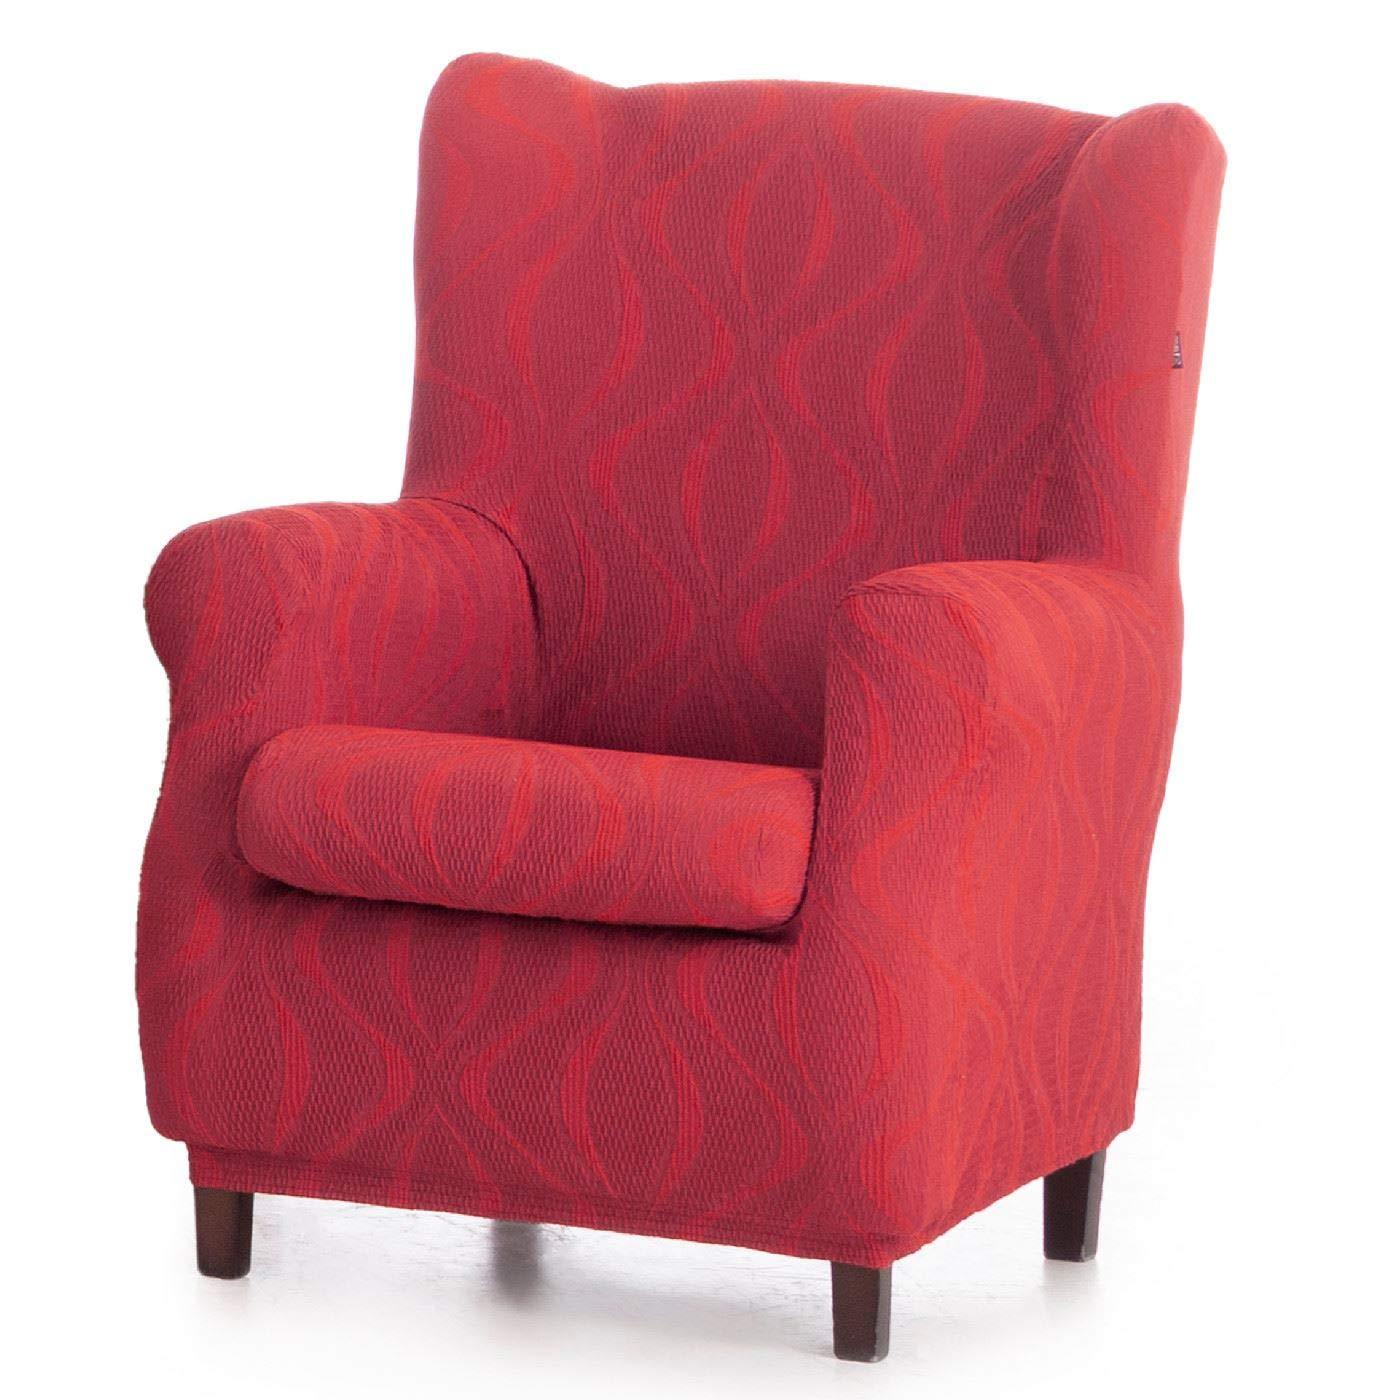 Innovaciones Roser Funda de Sillón Orejero Elástica Modelo Janeiro, Color Rojo, Medida 70-90cm de Ancho